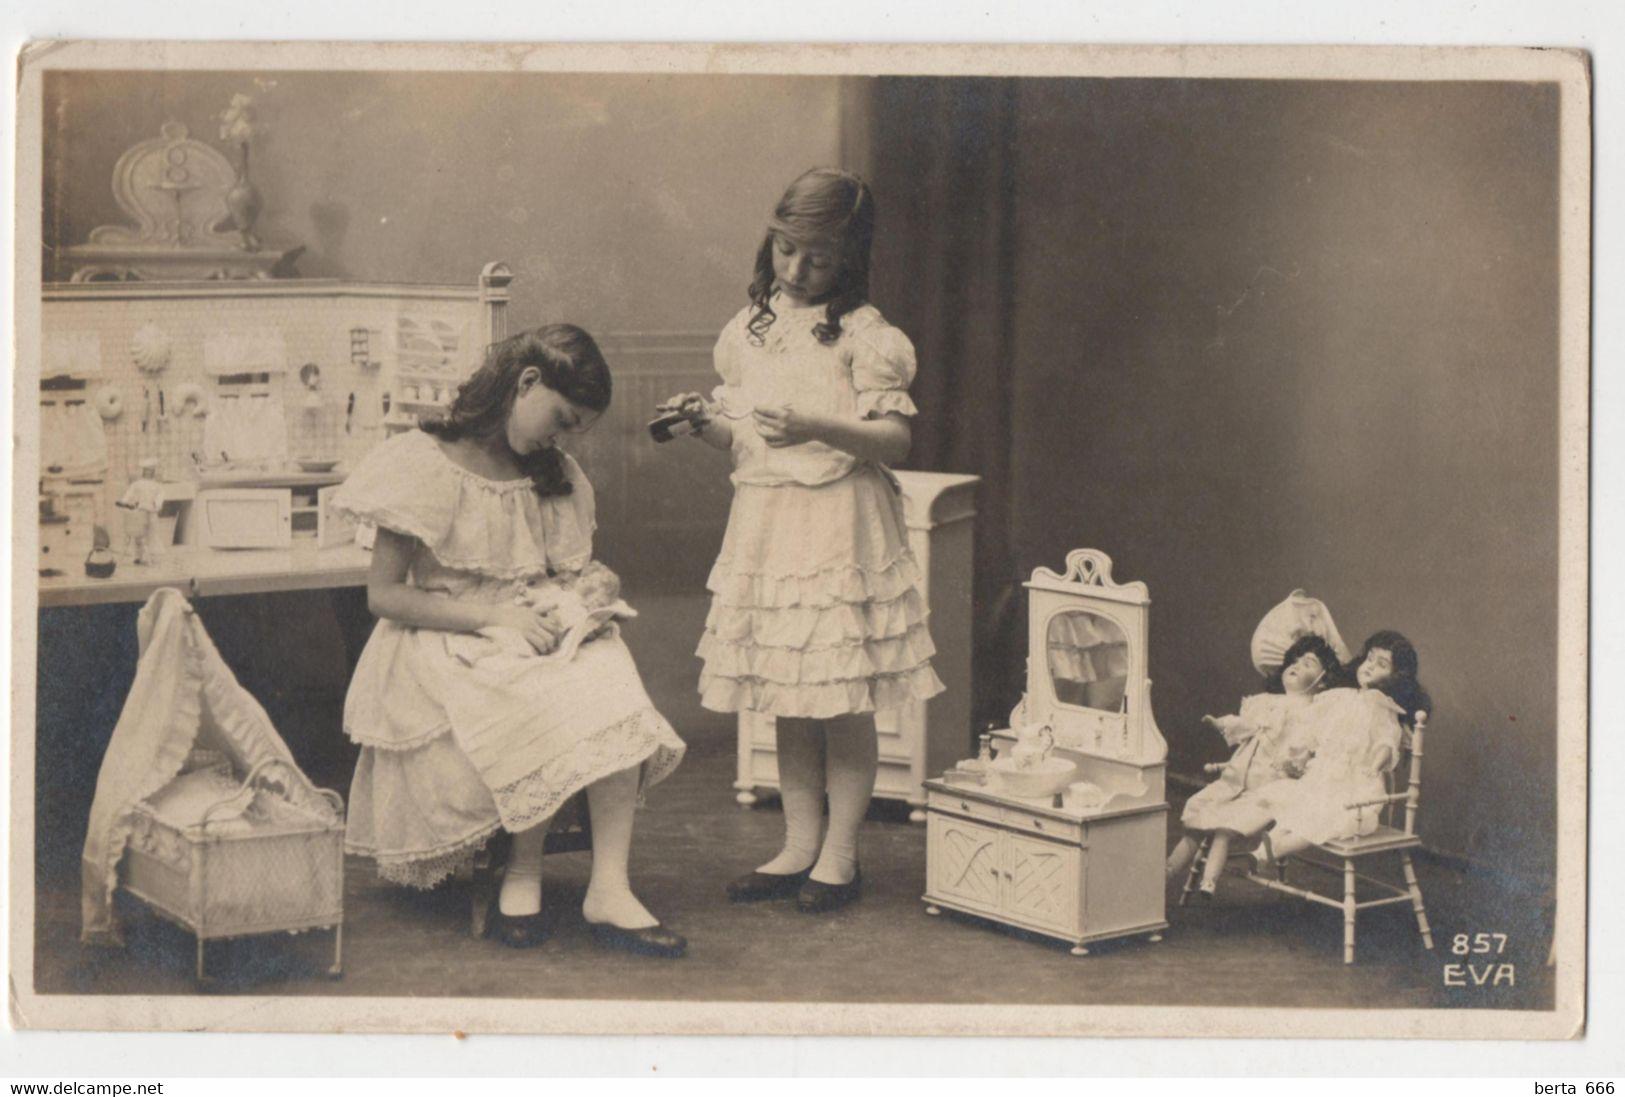 CPA Jeunes Filles Jouant Avec Des Poupées EVA 857 Children And Dolls House Vintage Photo Postcard - Escenas & Paisajes